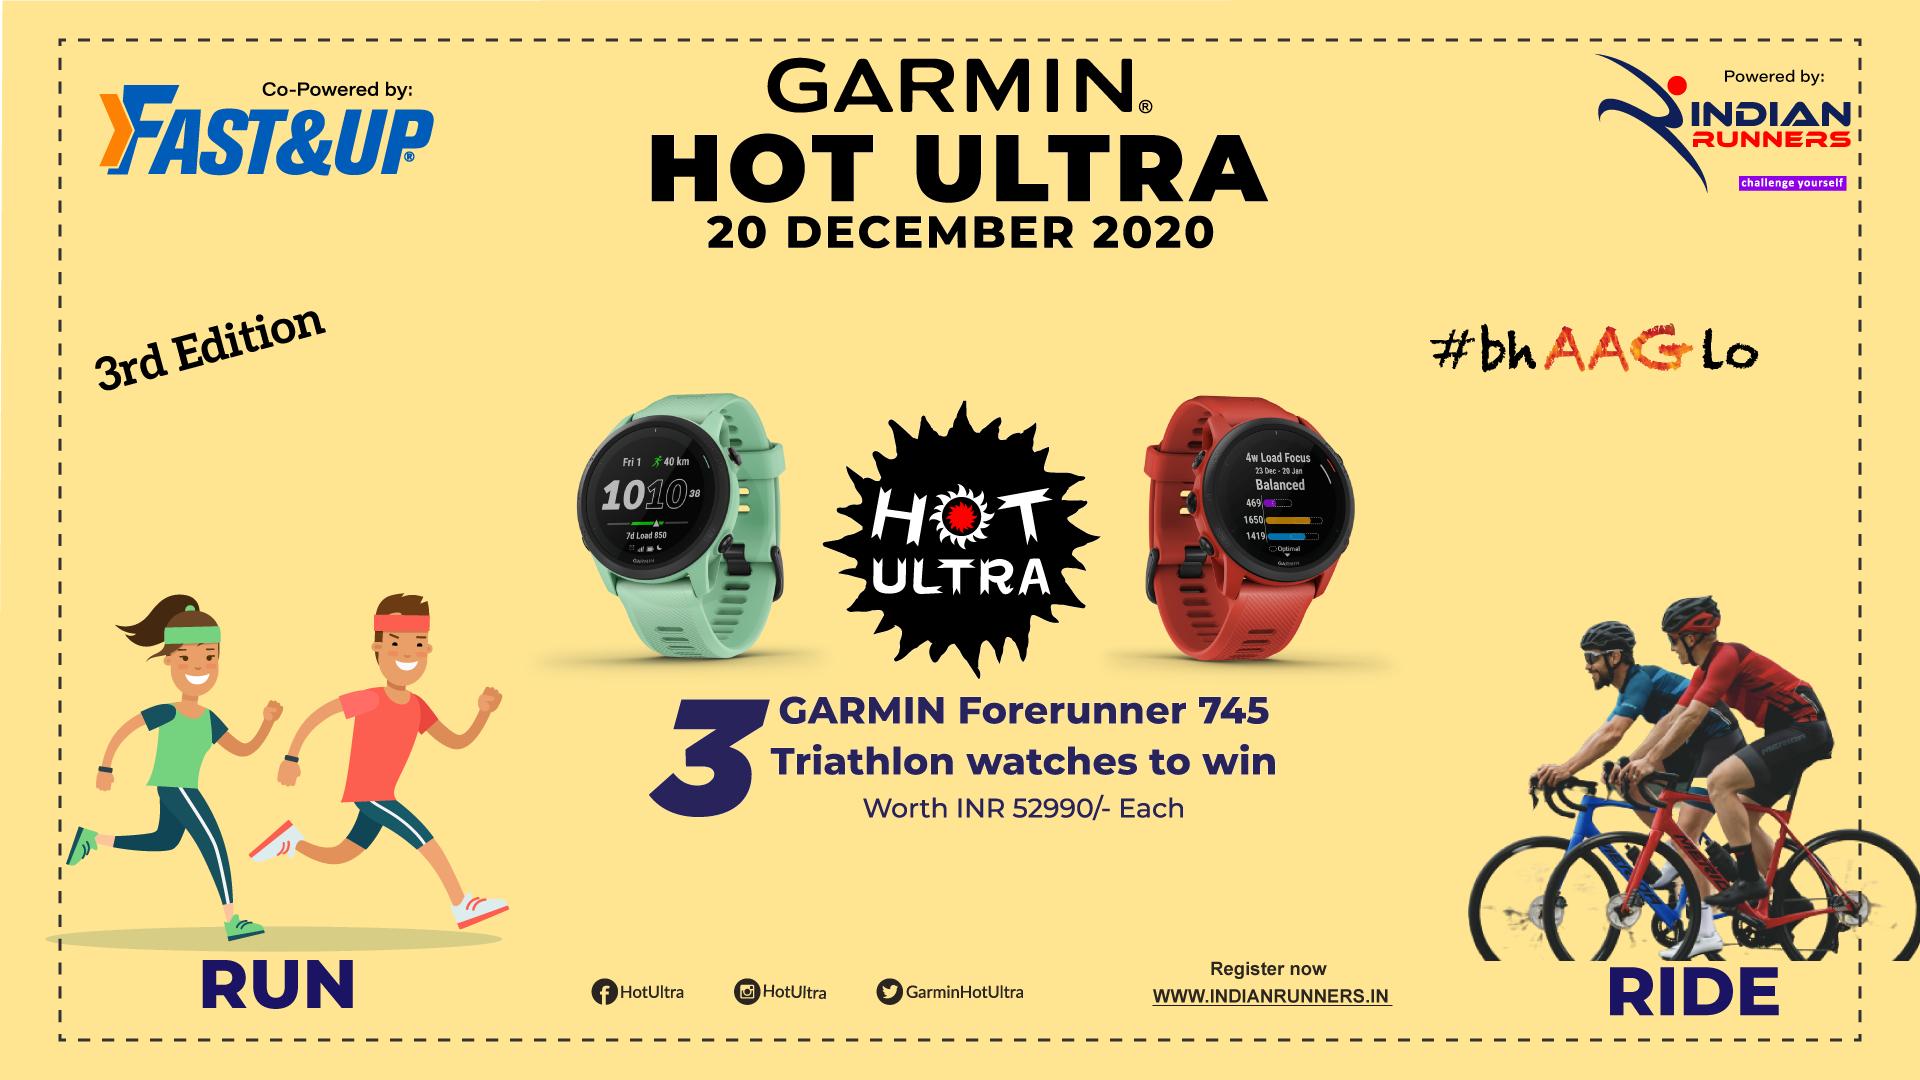 Garmin Hot Ultra : Duathlon image